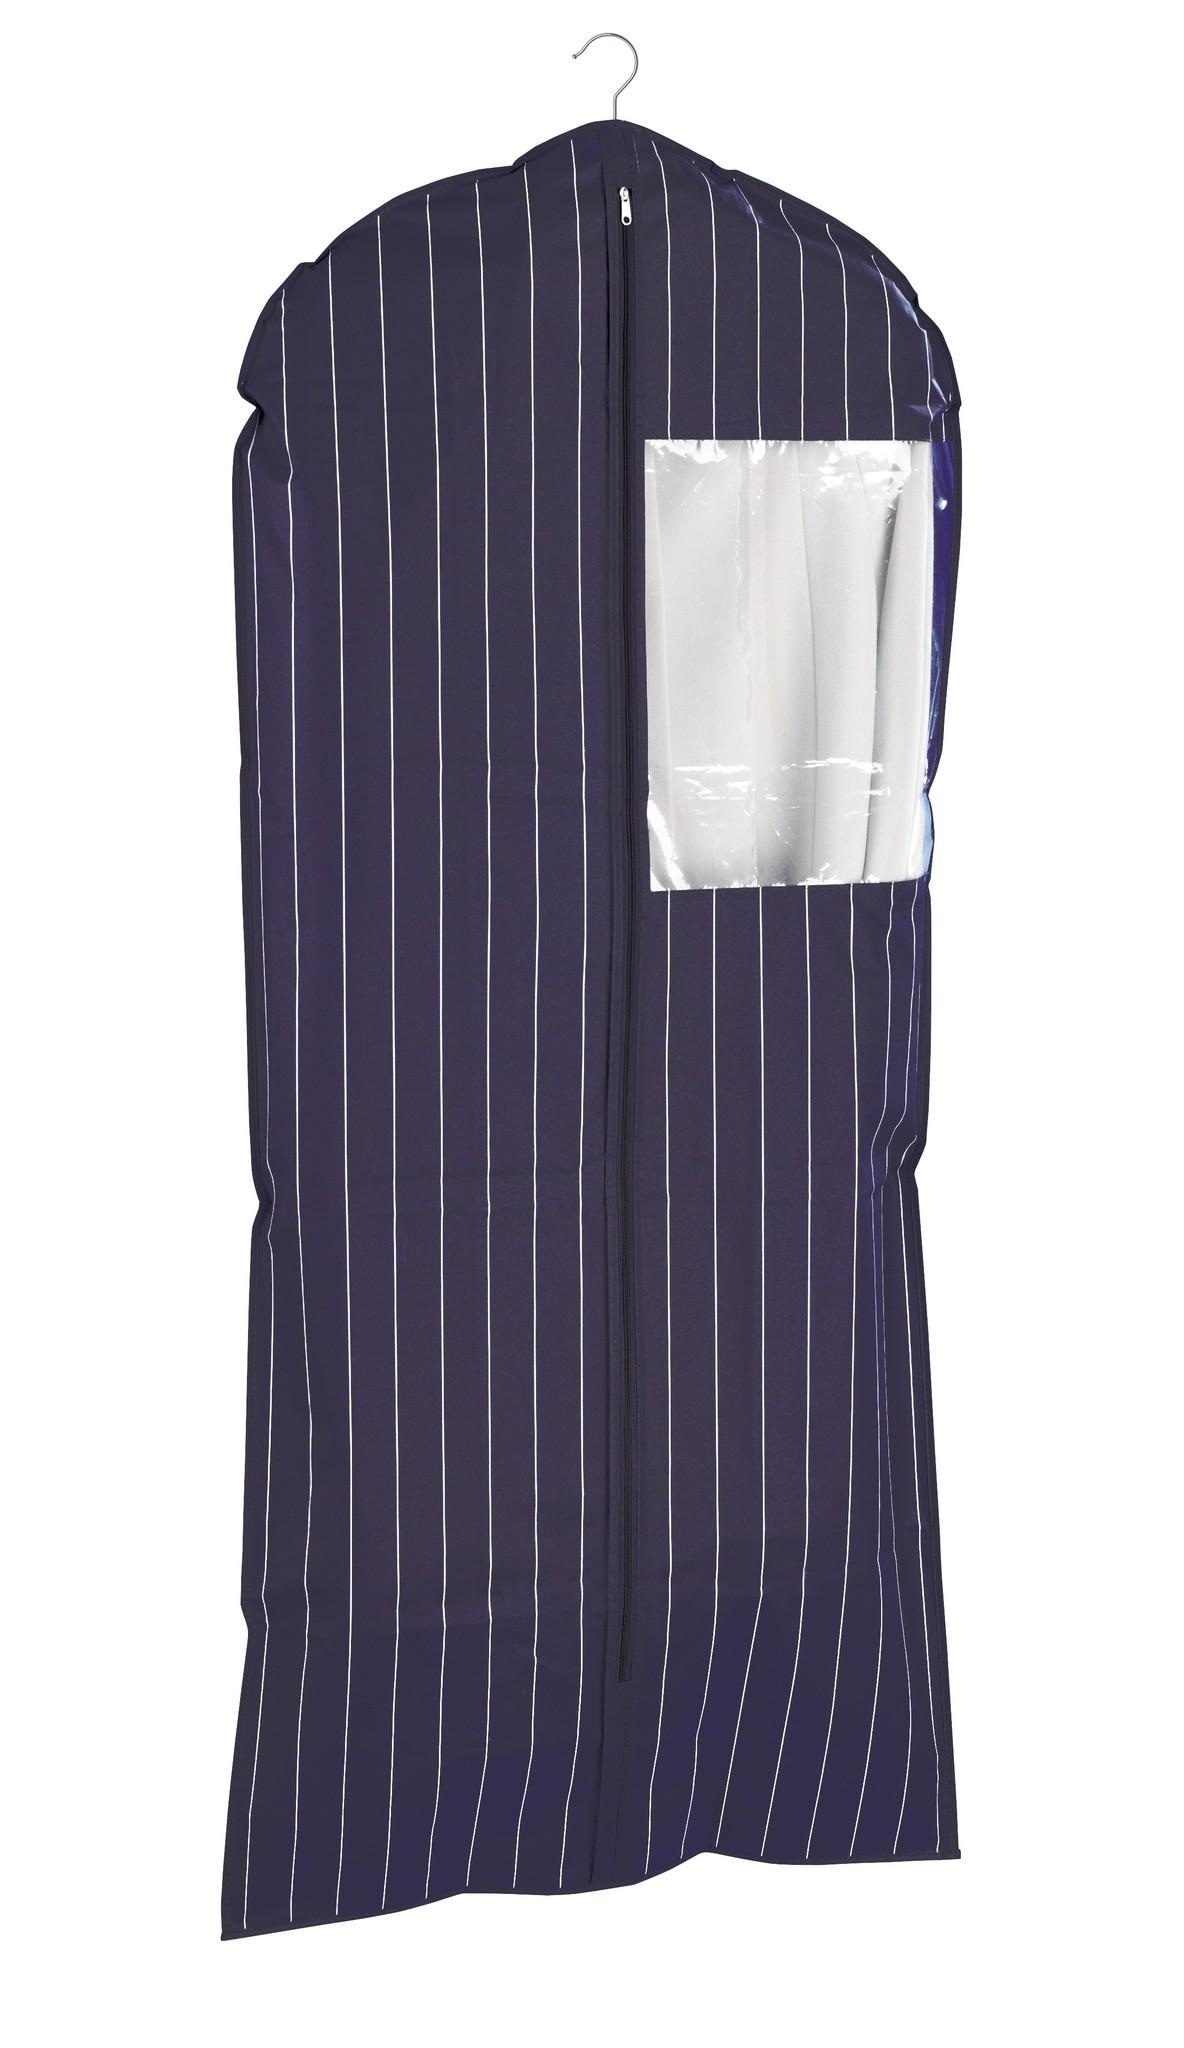 Kleidersack Comfort 150x60 cm, 5er Set